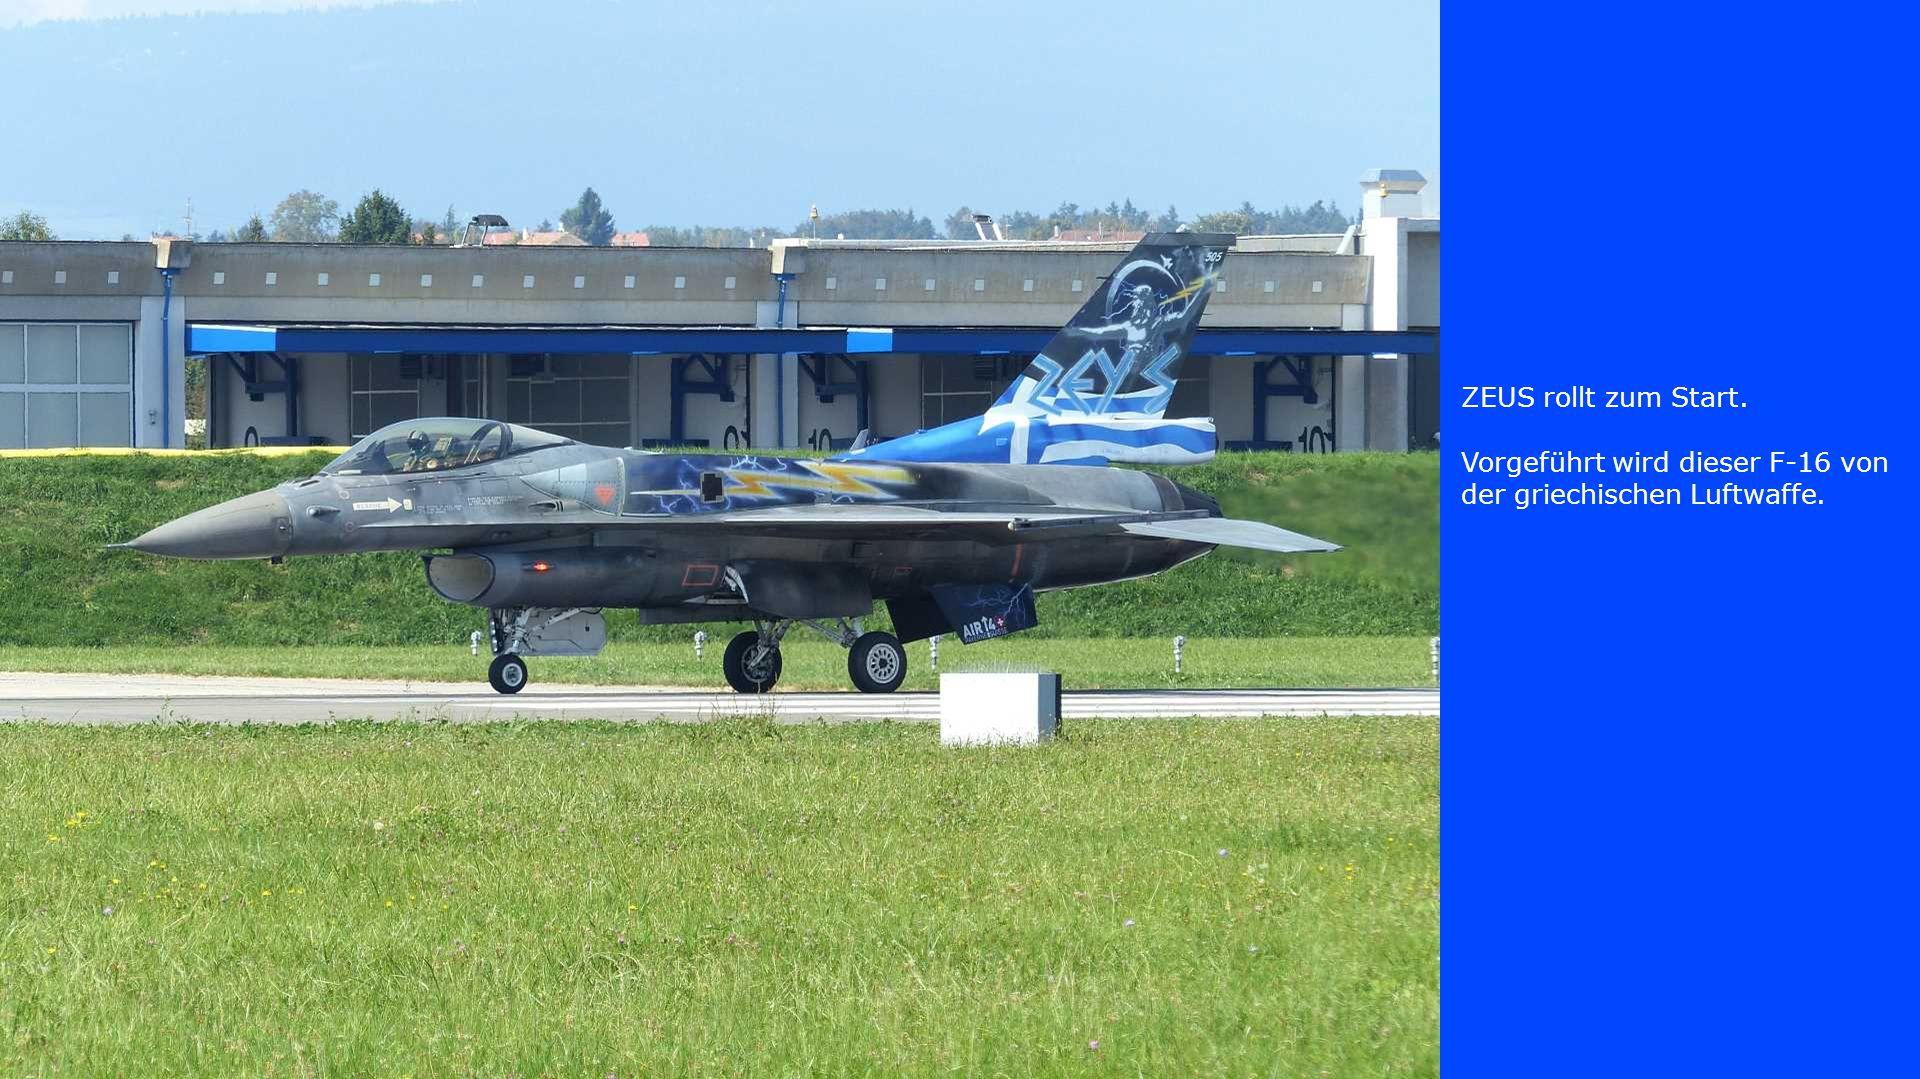 ZEUS rollt zum Start. Vorgeführt wird dieser F-16 von der griechischen Luftwaffe.